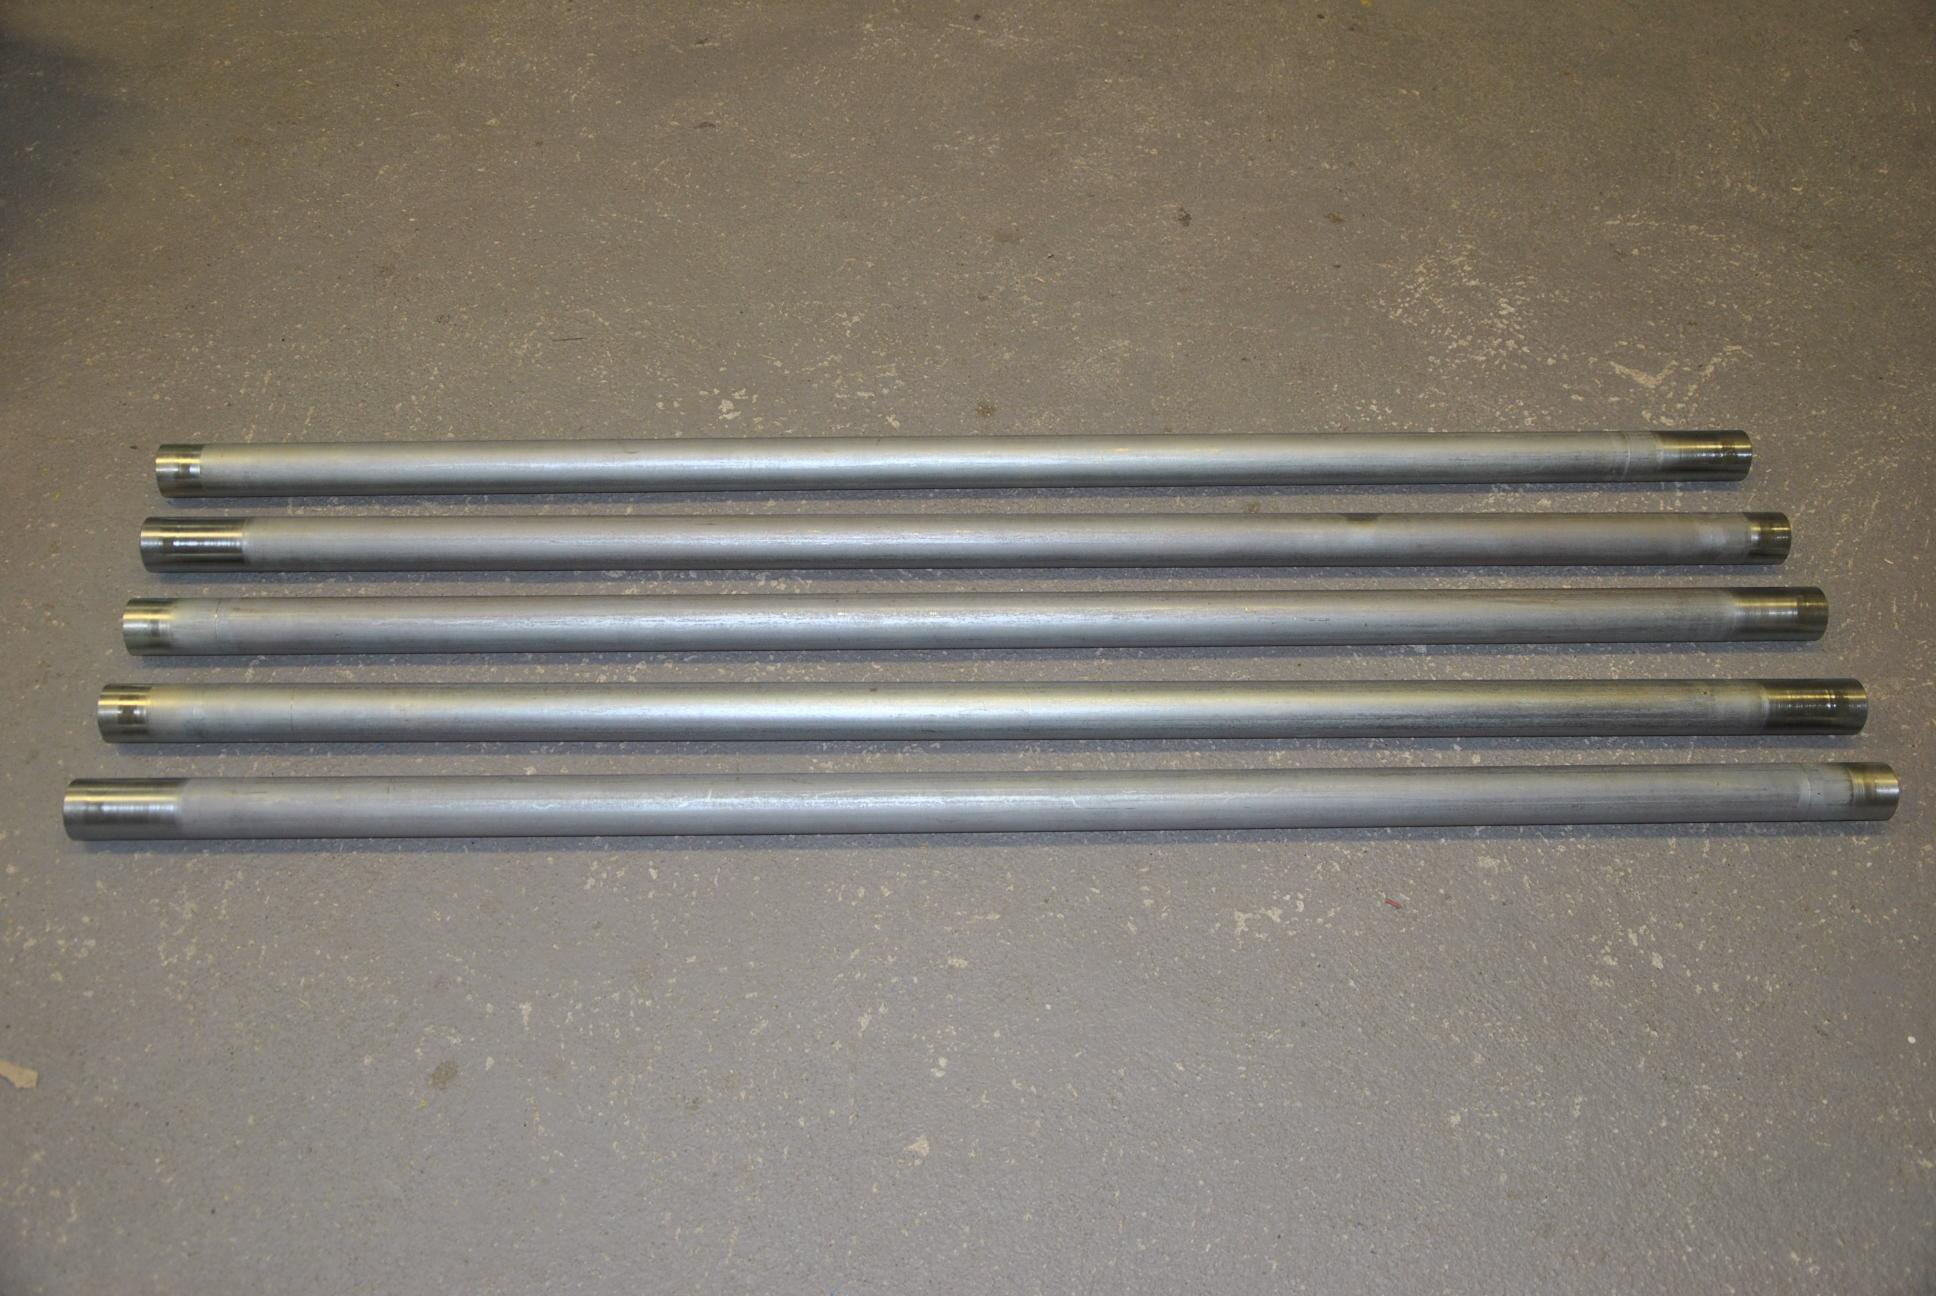 Корпус иглы для канала высотой 1100 мм, 5 шт./комп.